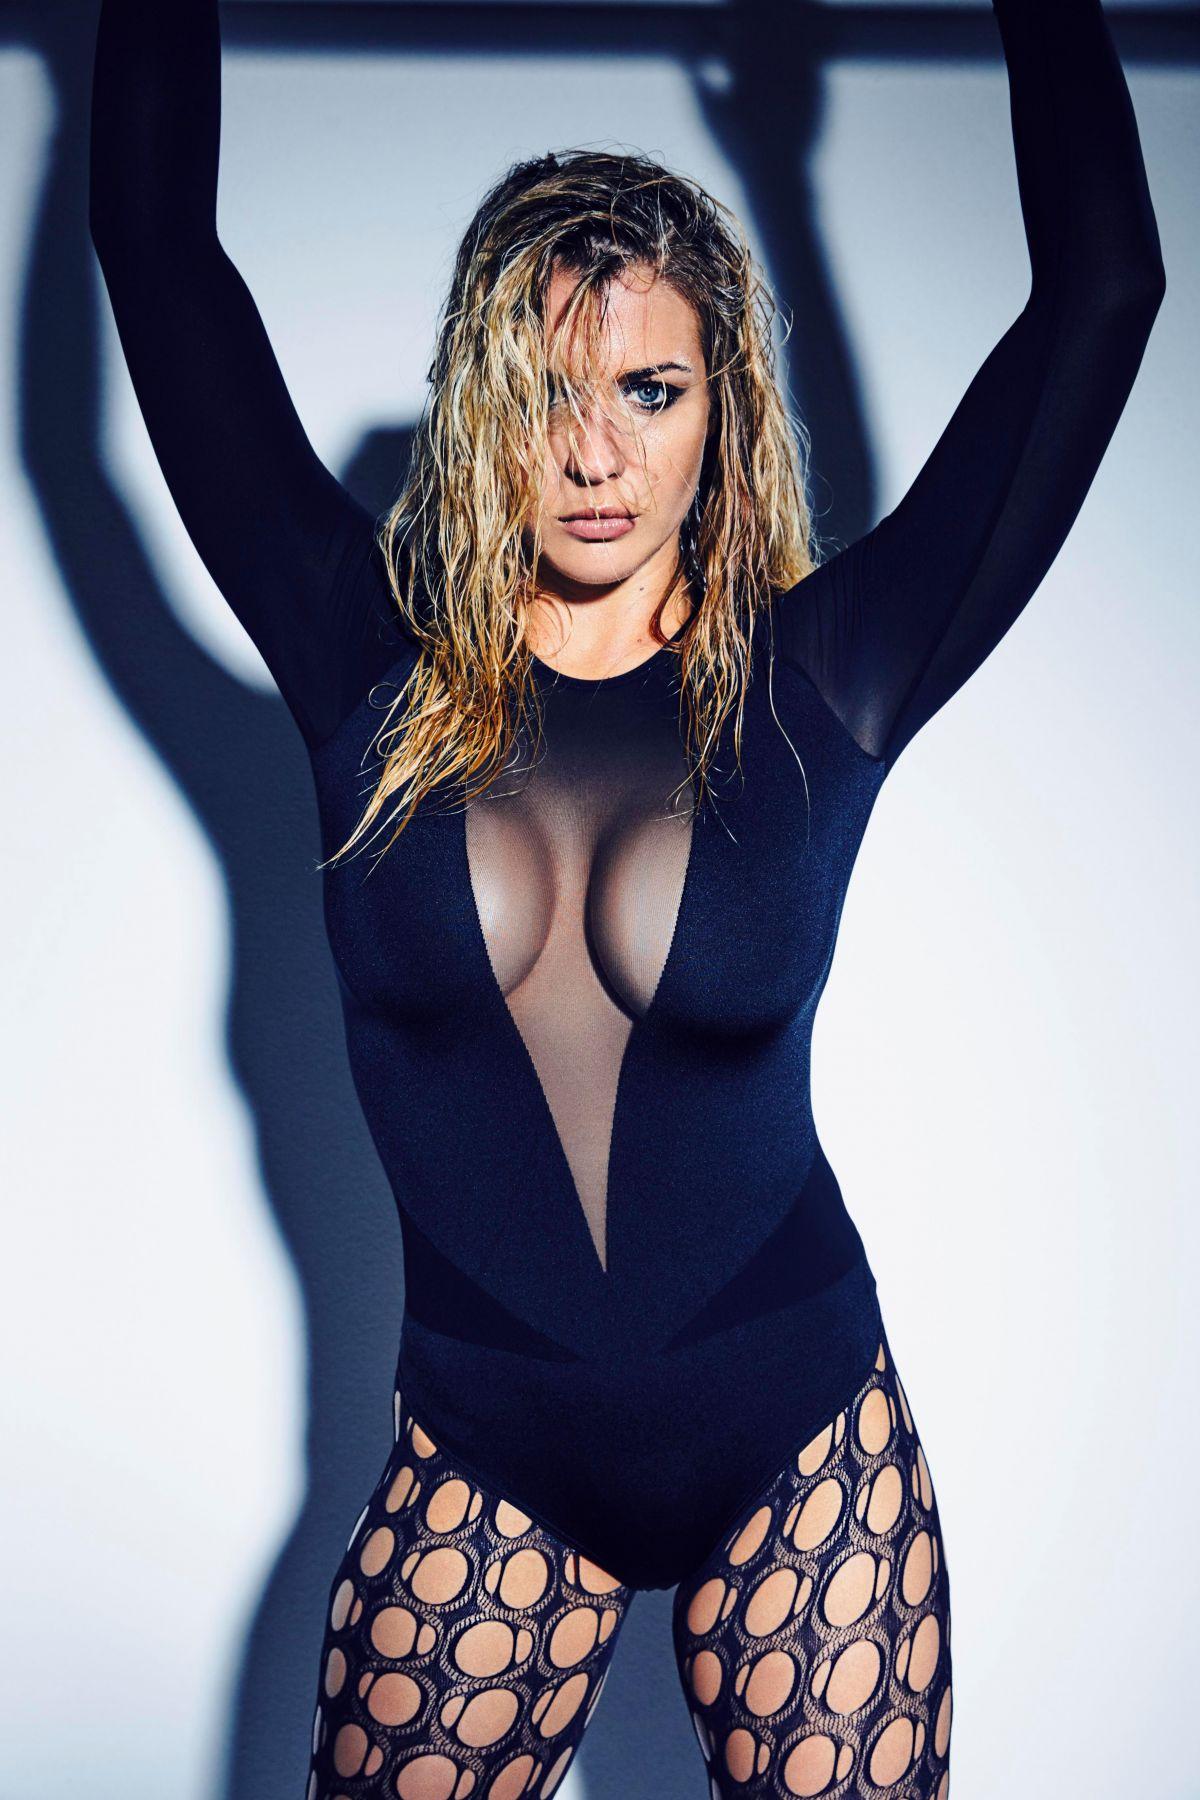 ICloud Gemma Atkinson nude photos 2019